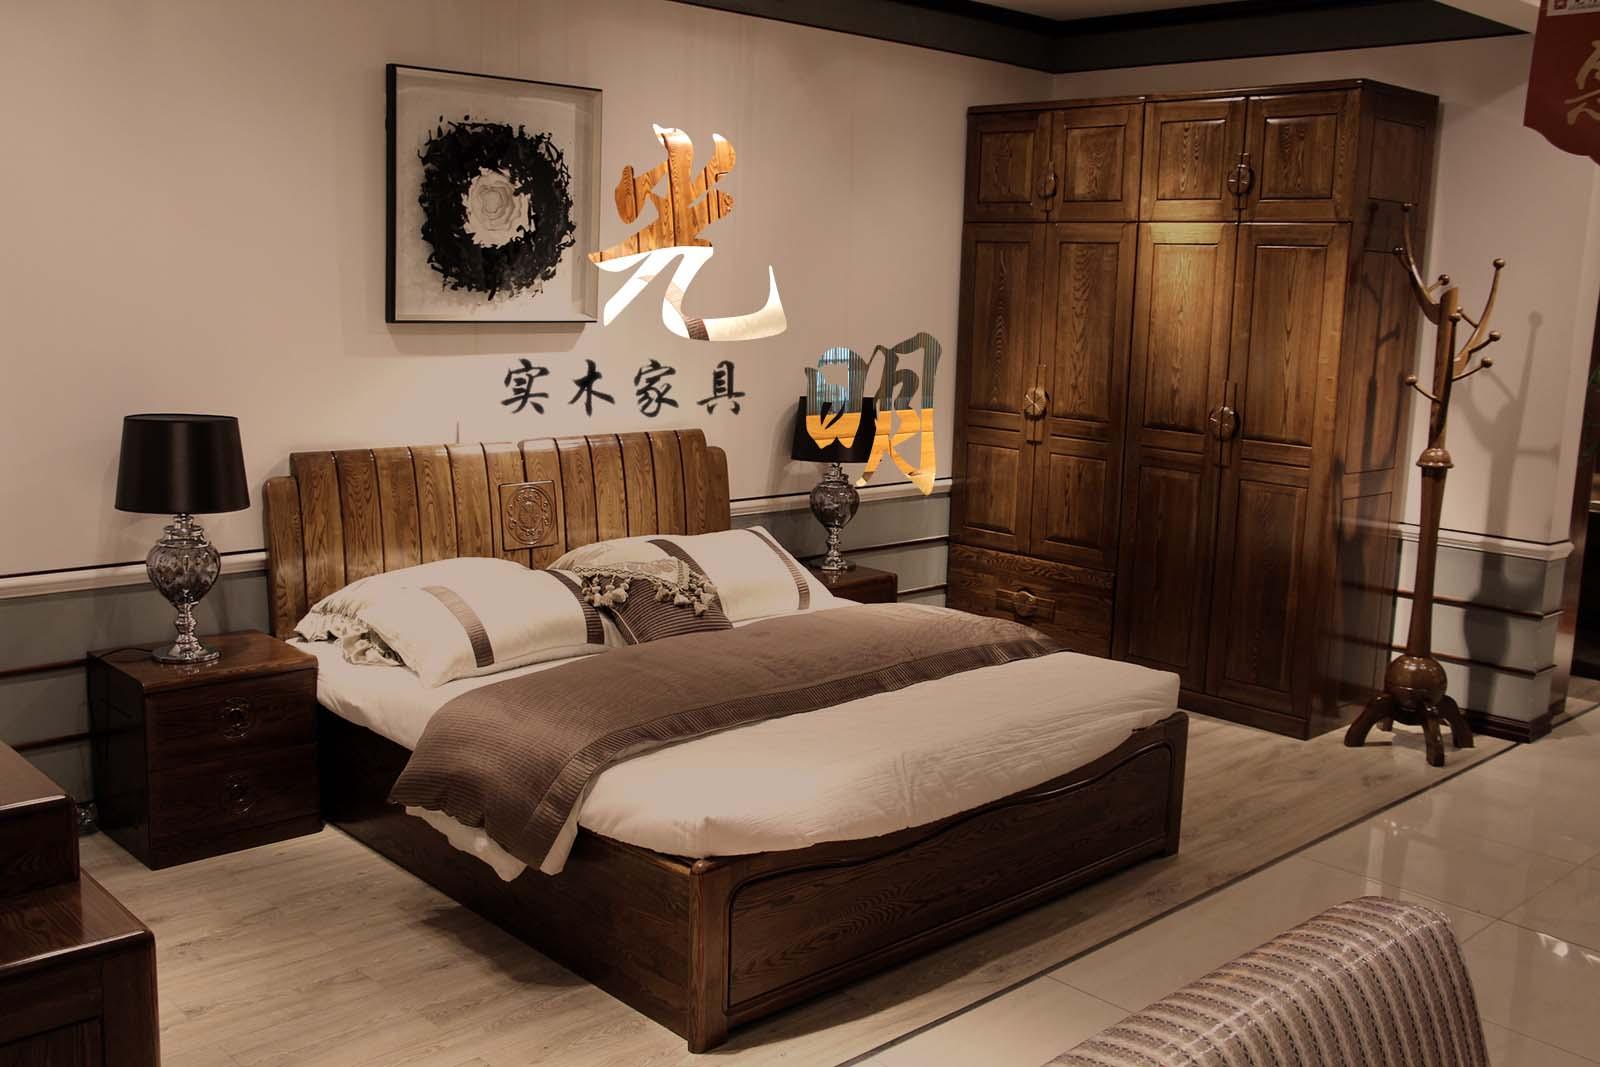 现代中式风格实木家具创造优雅格调生活